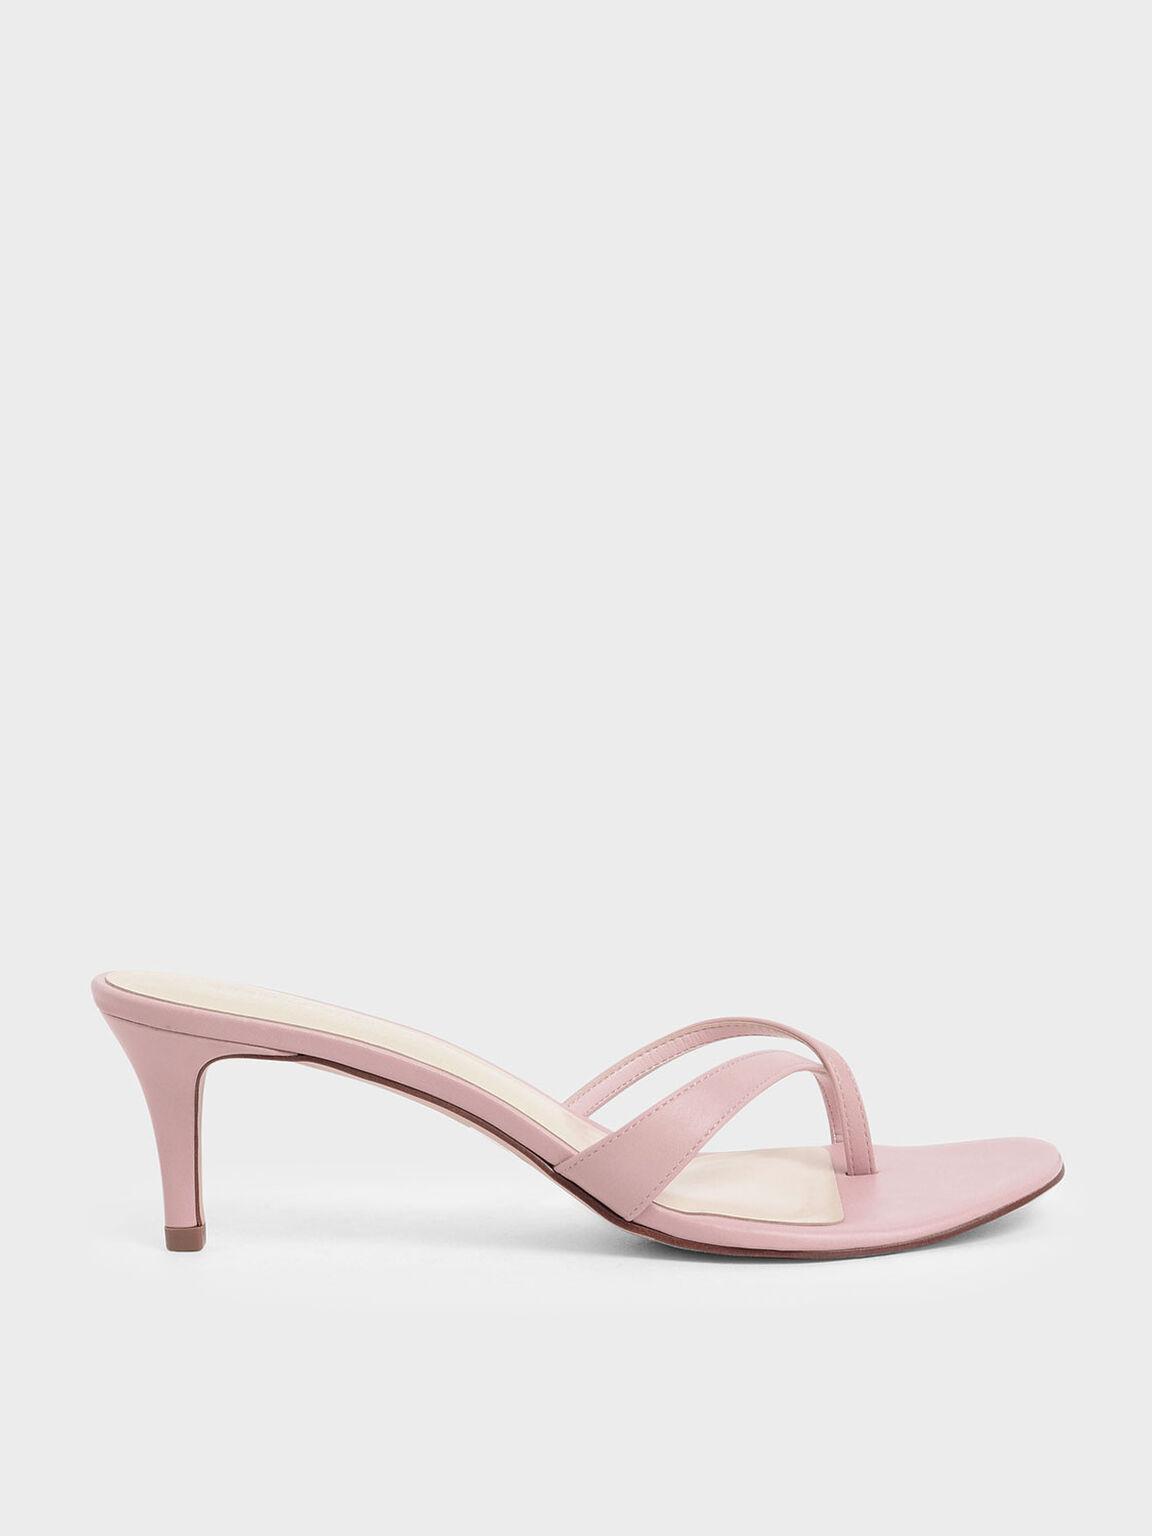 Toe Strap Heeled Sandals, Pink, hi-res